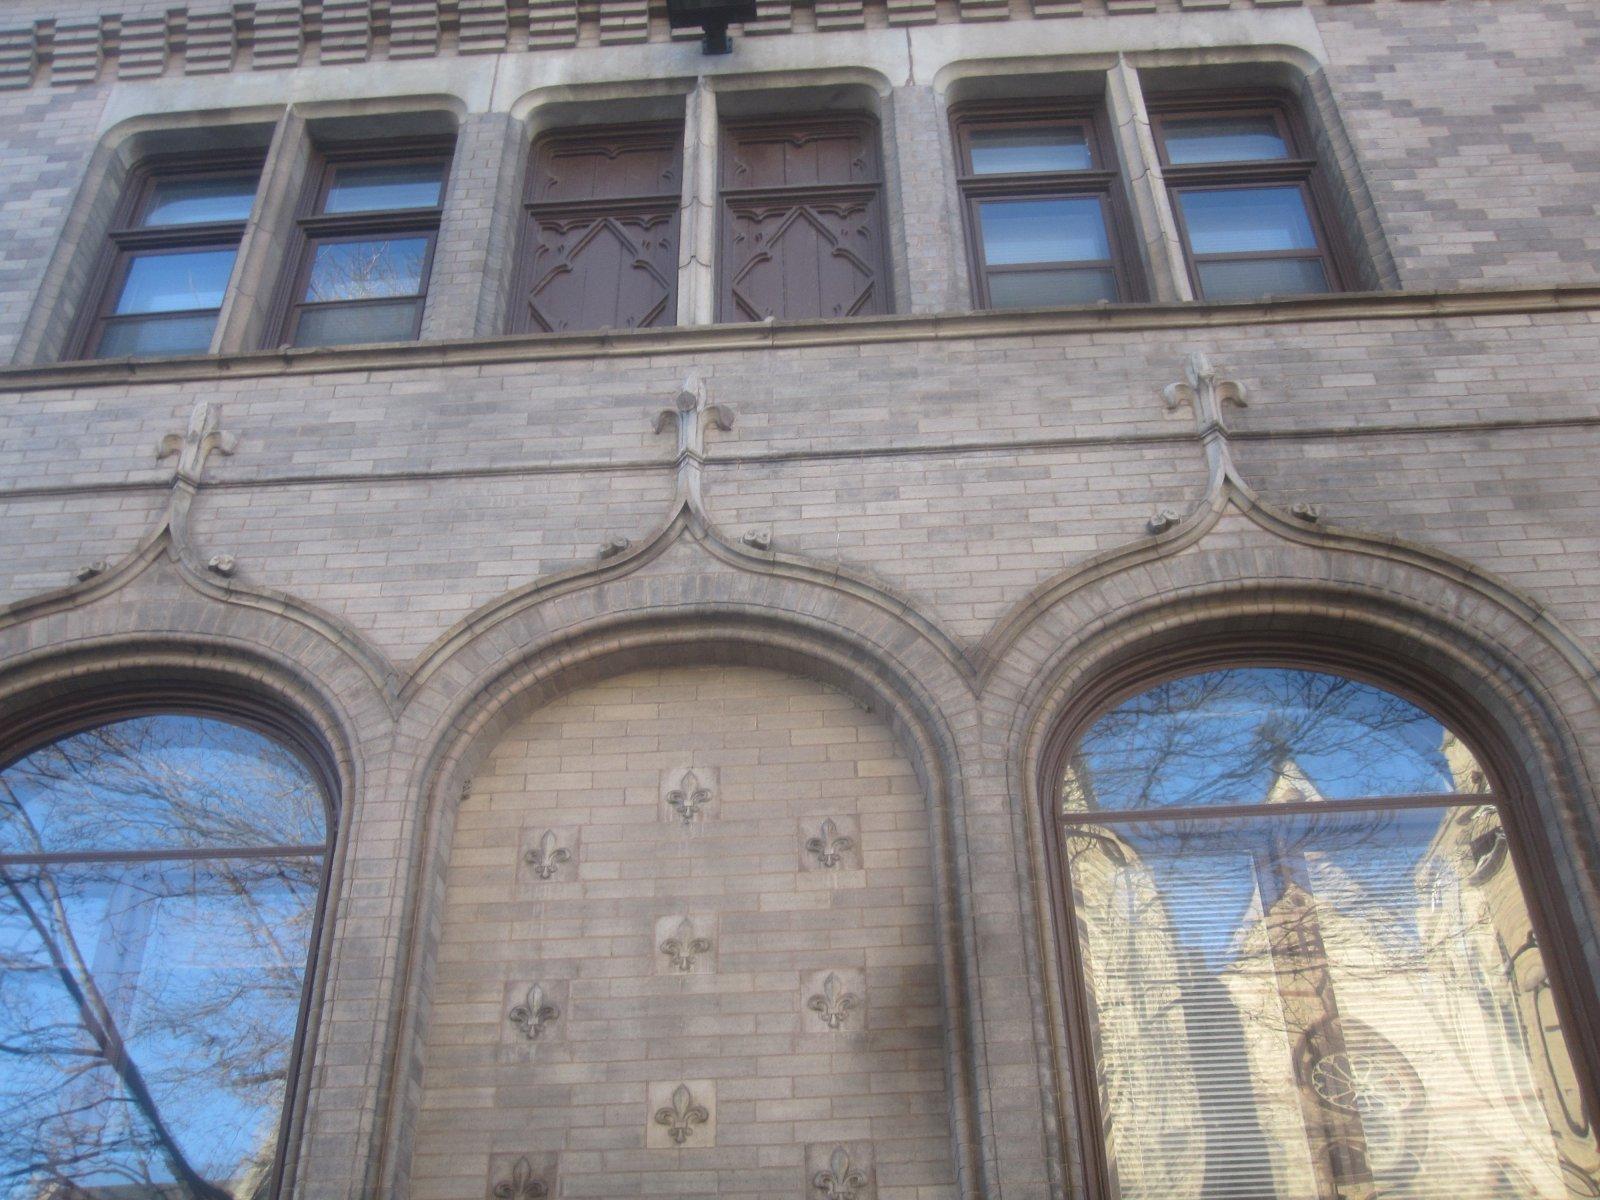 1037 N. Astor St.